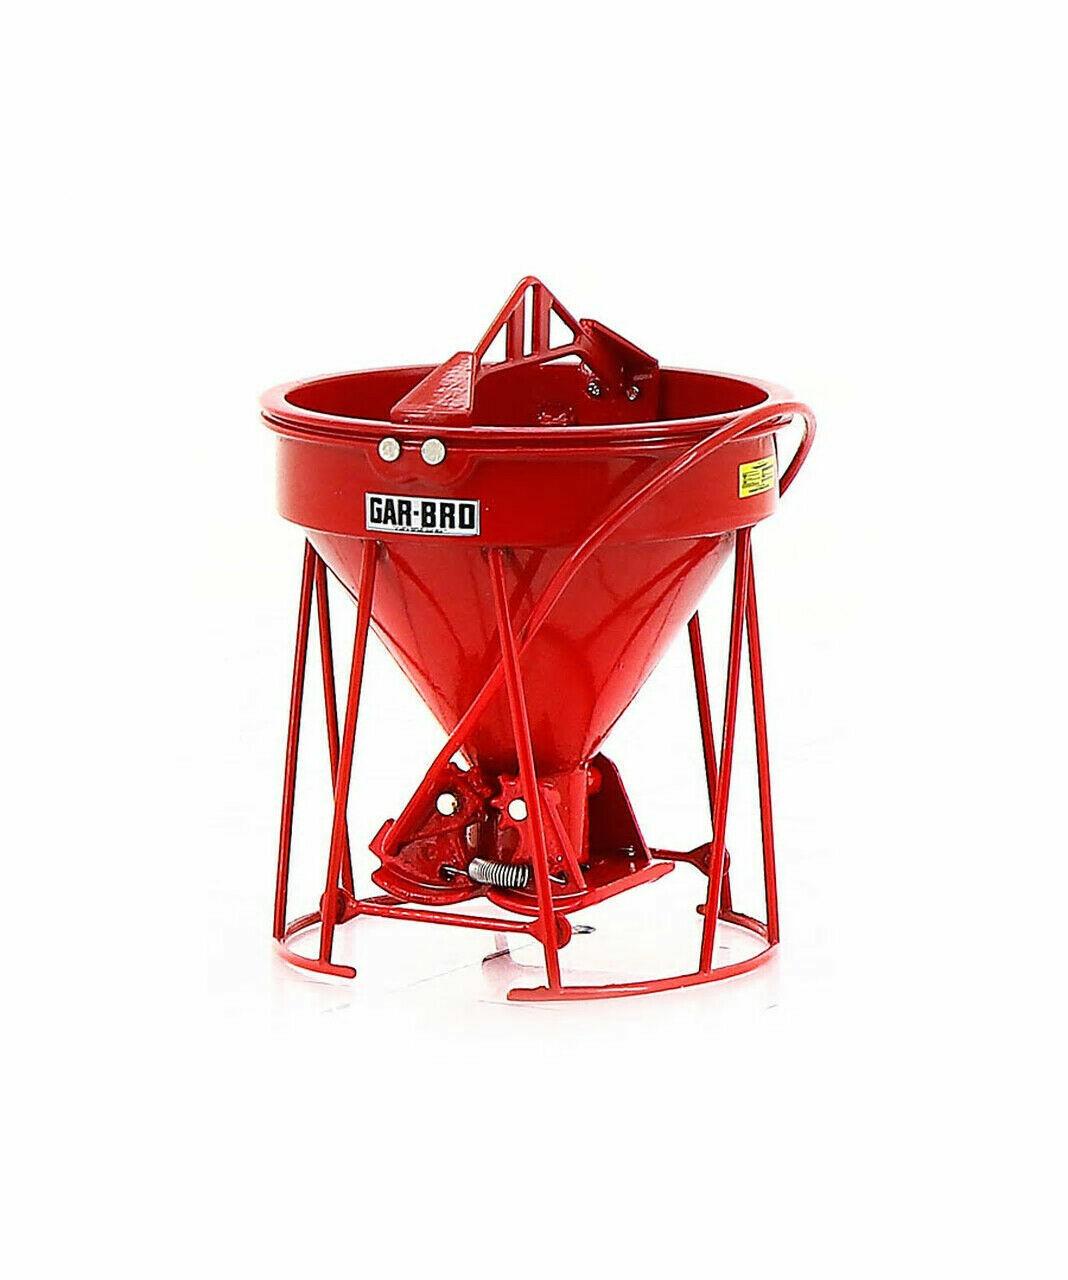 GAR-BRO  R  Series Lightweight Round Gate Concrete Bucket  rot  1 50  NEW